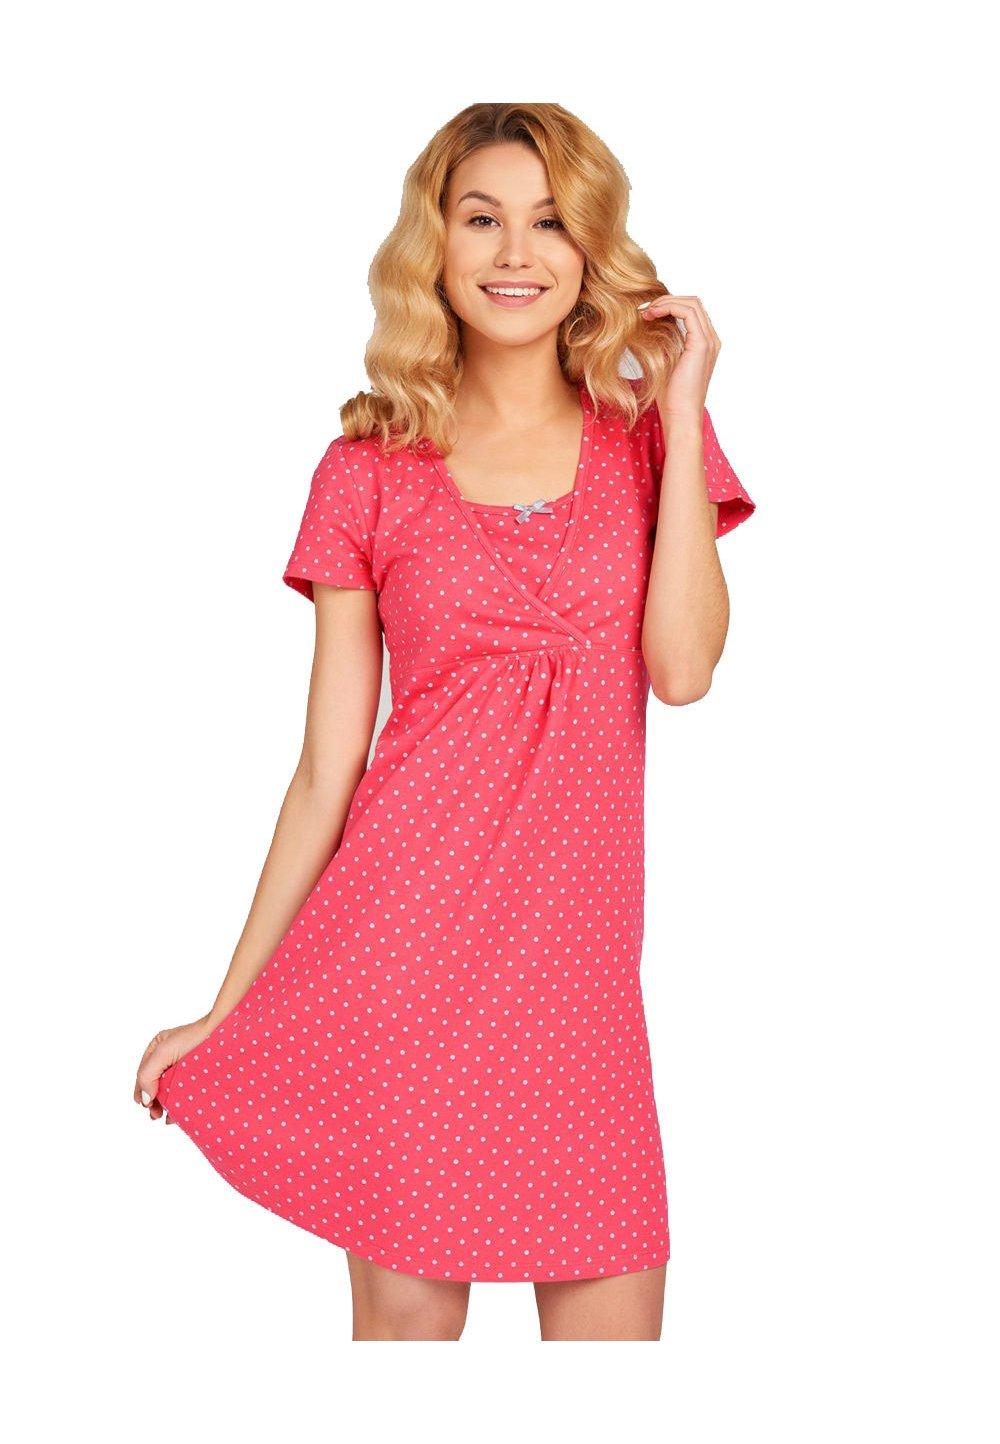 Camasa pentru alaptat, Milly, roz inchis cu buline imagine